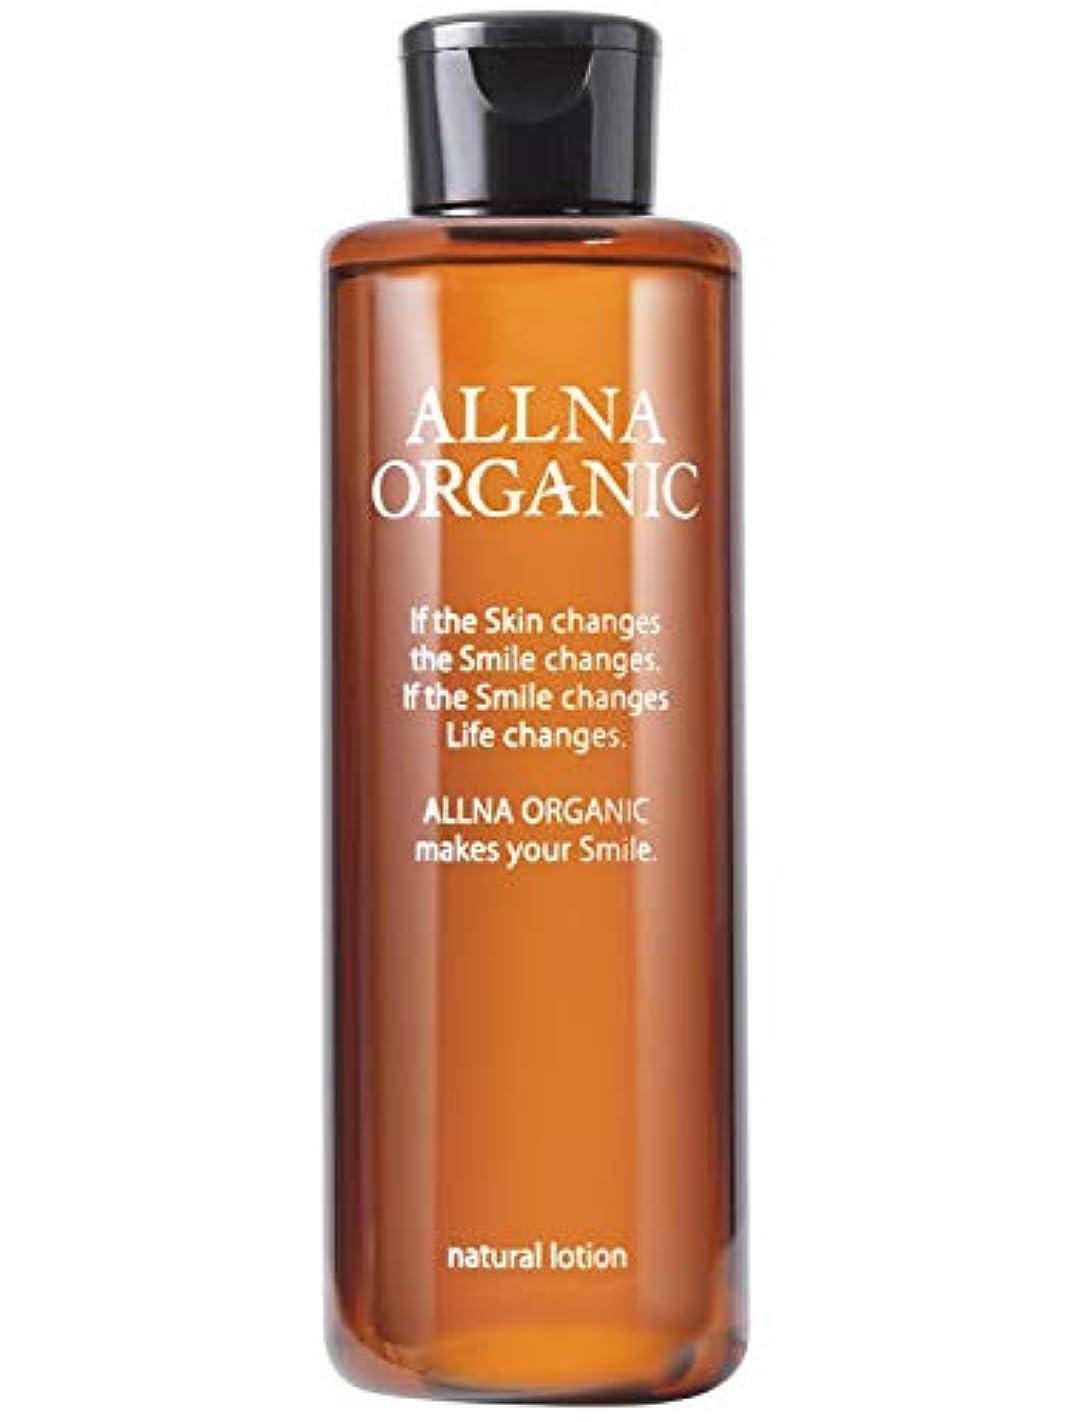 道徳のれる段落オルナ オーガニック 化粧水 「 保湿 乾燥 かさつき 用」「 コラーゲン ビタミンC誘導体 ヒアルロン酸 セラミド 配合」200ml